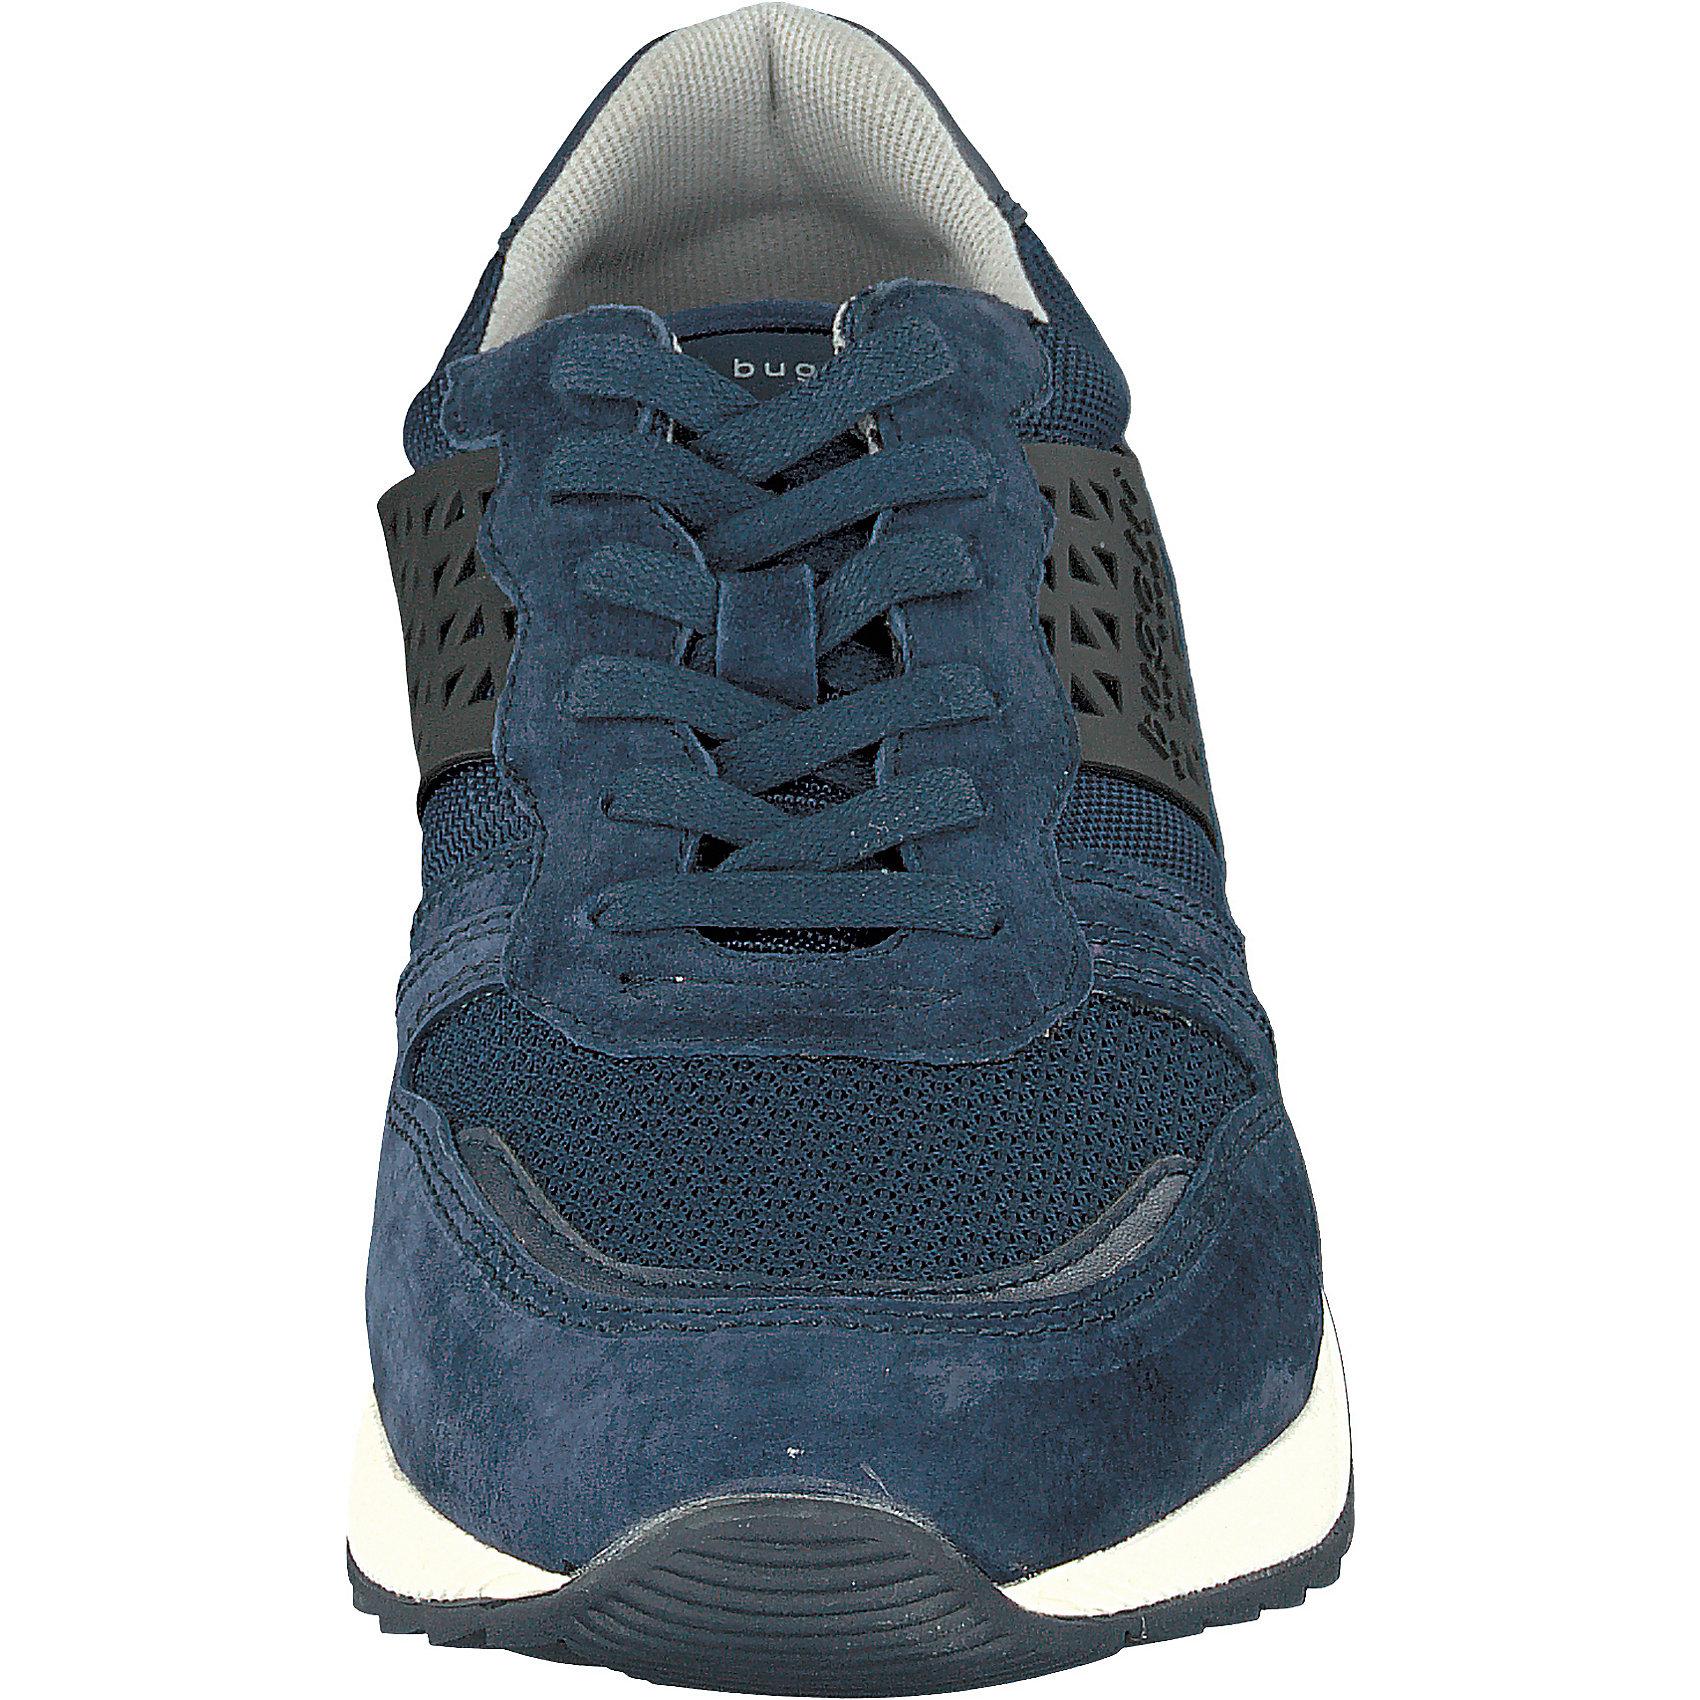 Neu bugatti Sneakers 7029353 für Herren dunkelblau